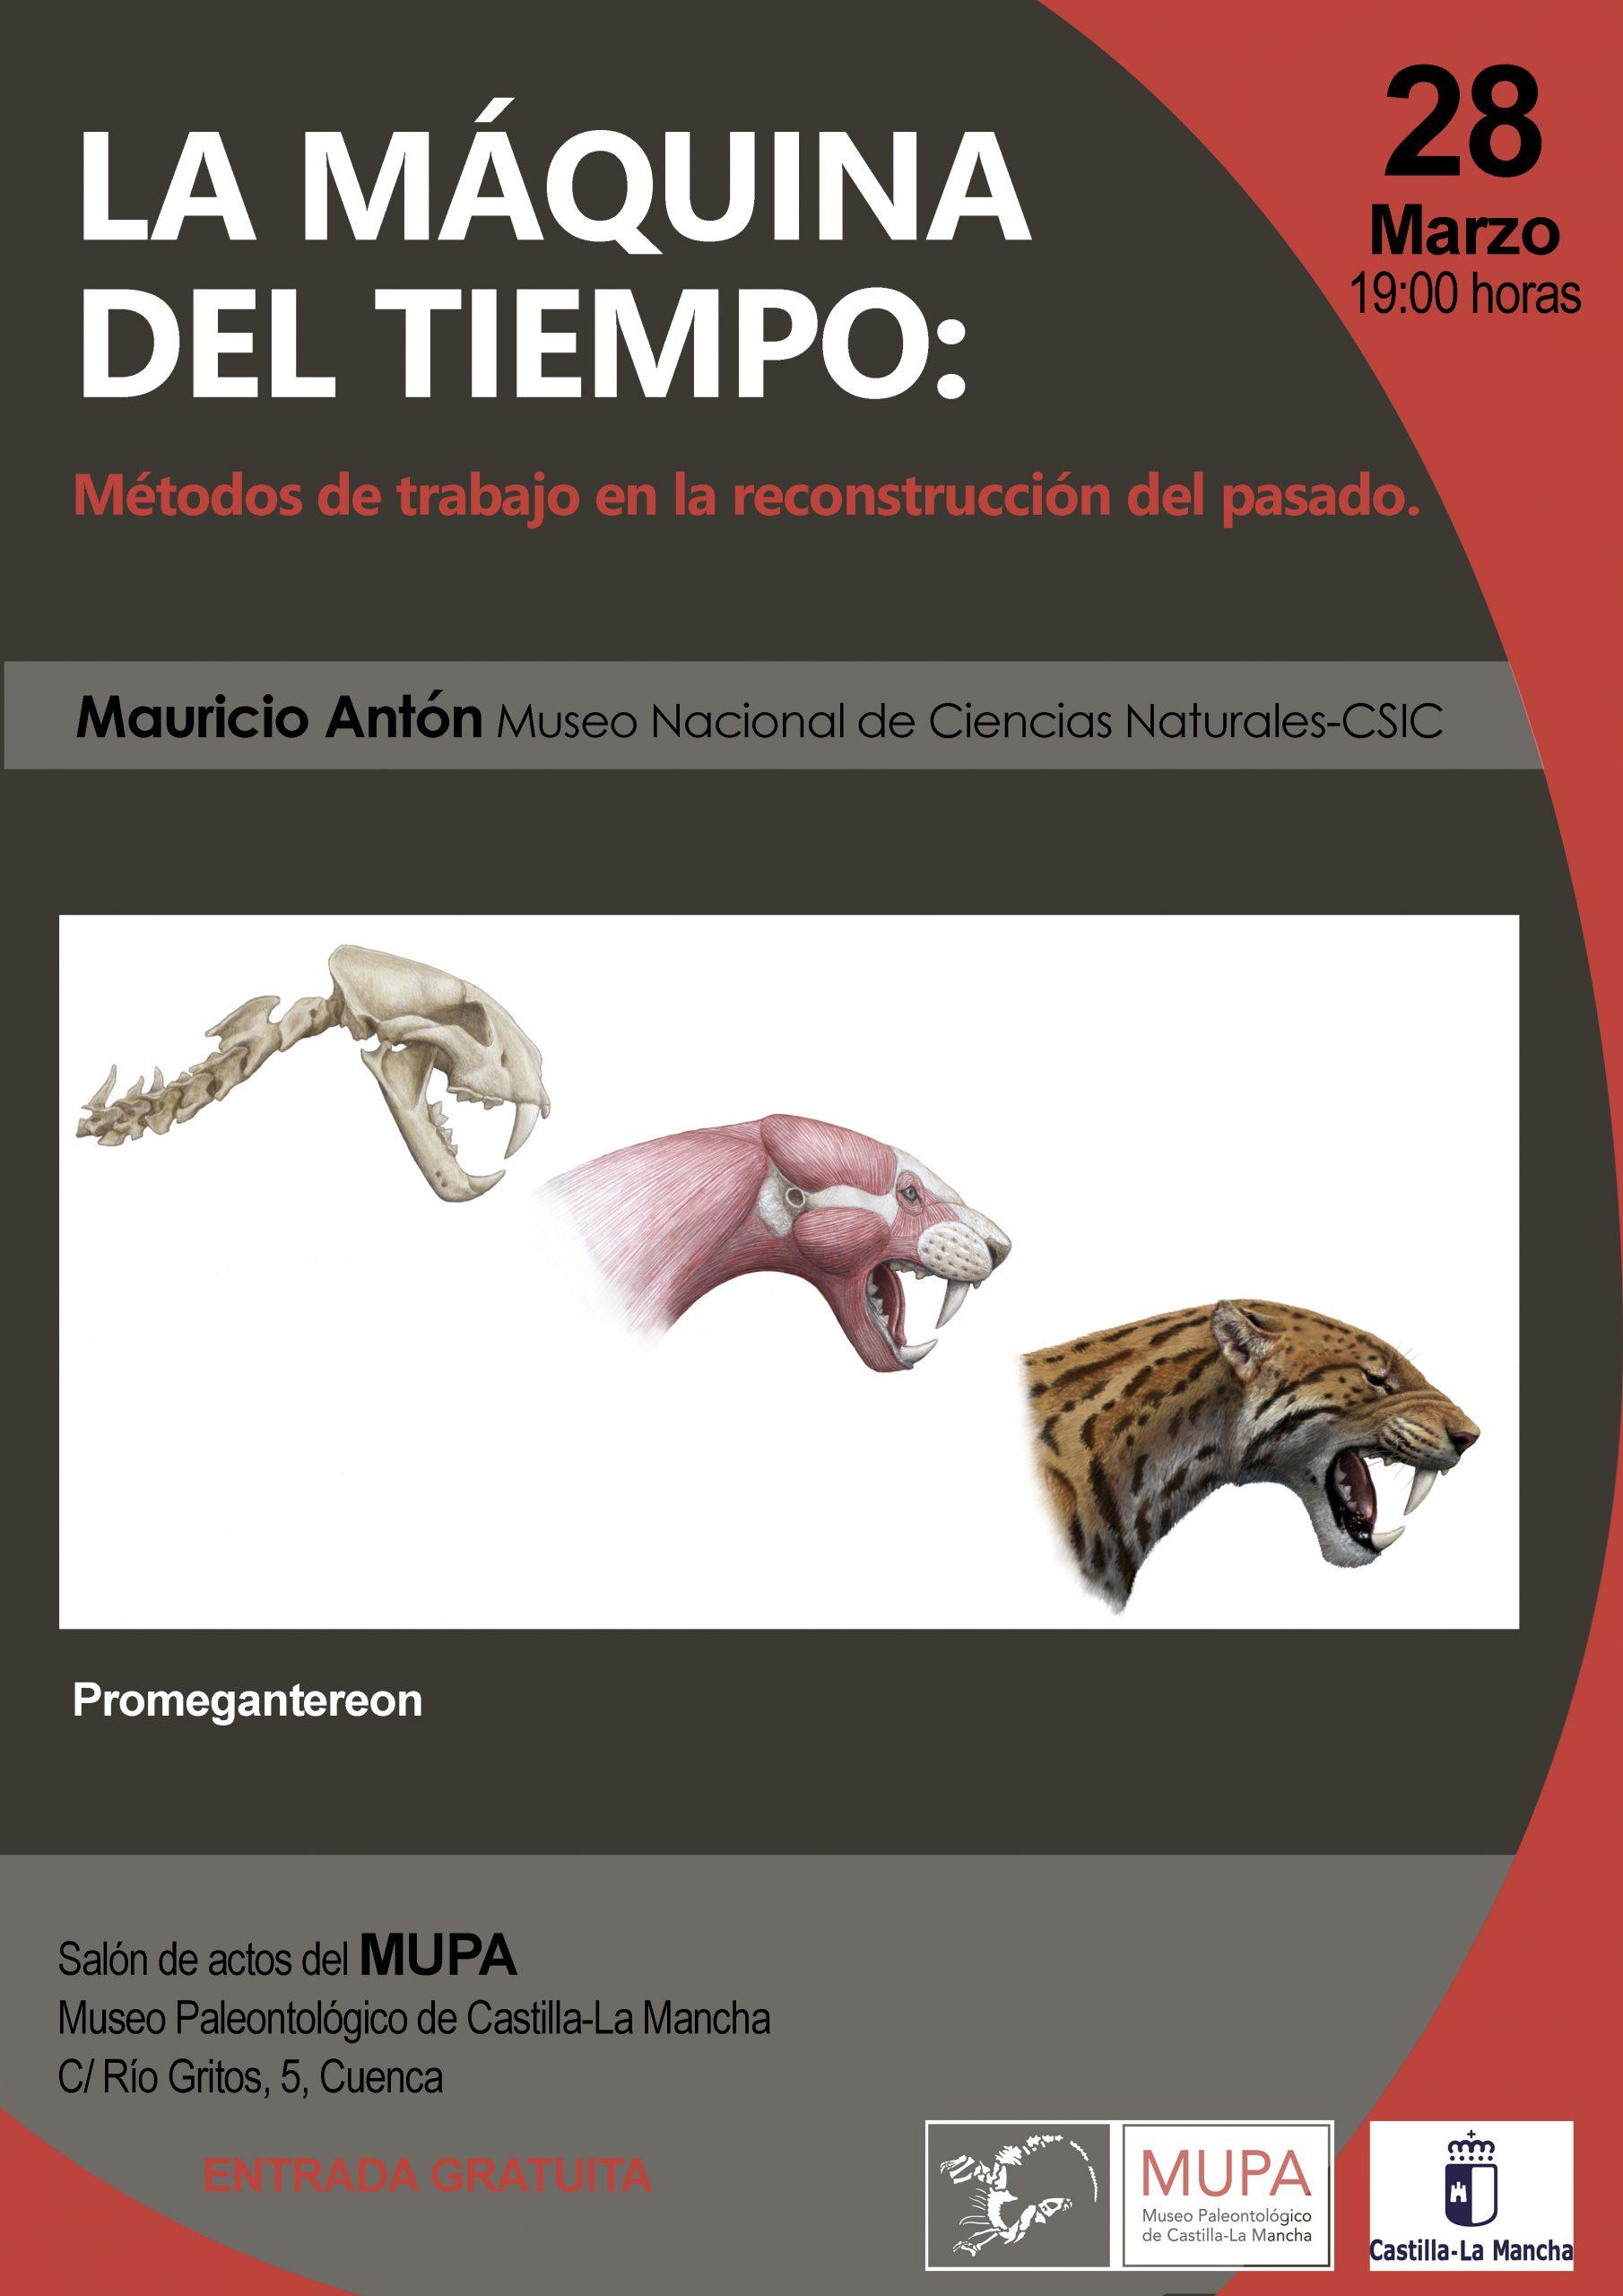 El Museo de Paleontología nos acerca el mundo de los fósiles a través de charlas científicas, esta vez se hablará de reconstrucciones paleontológicas.